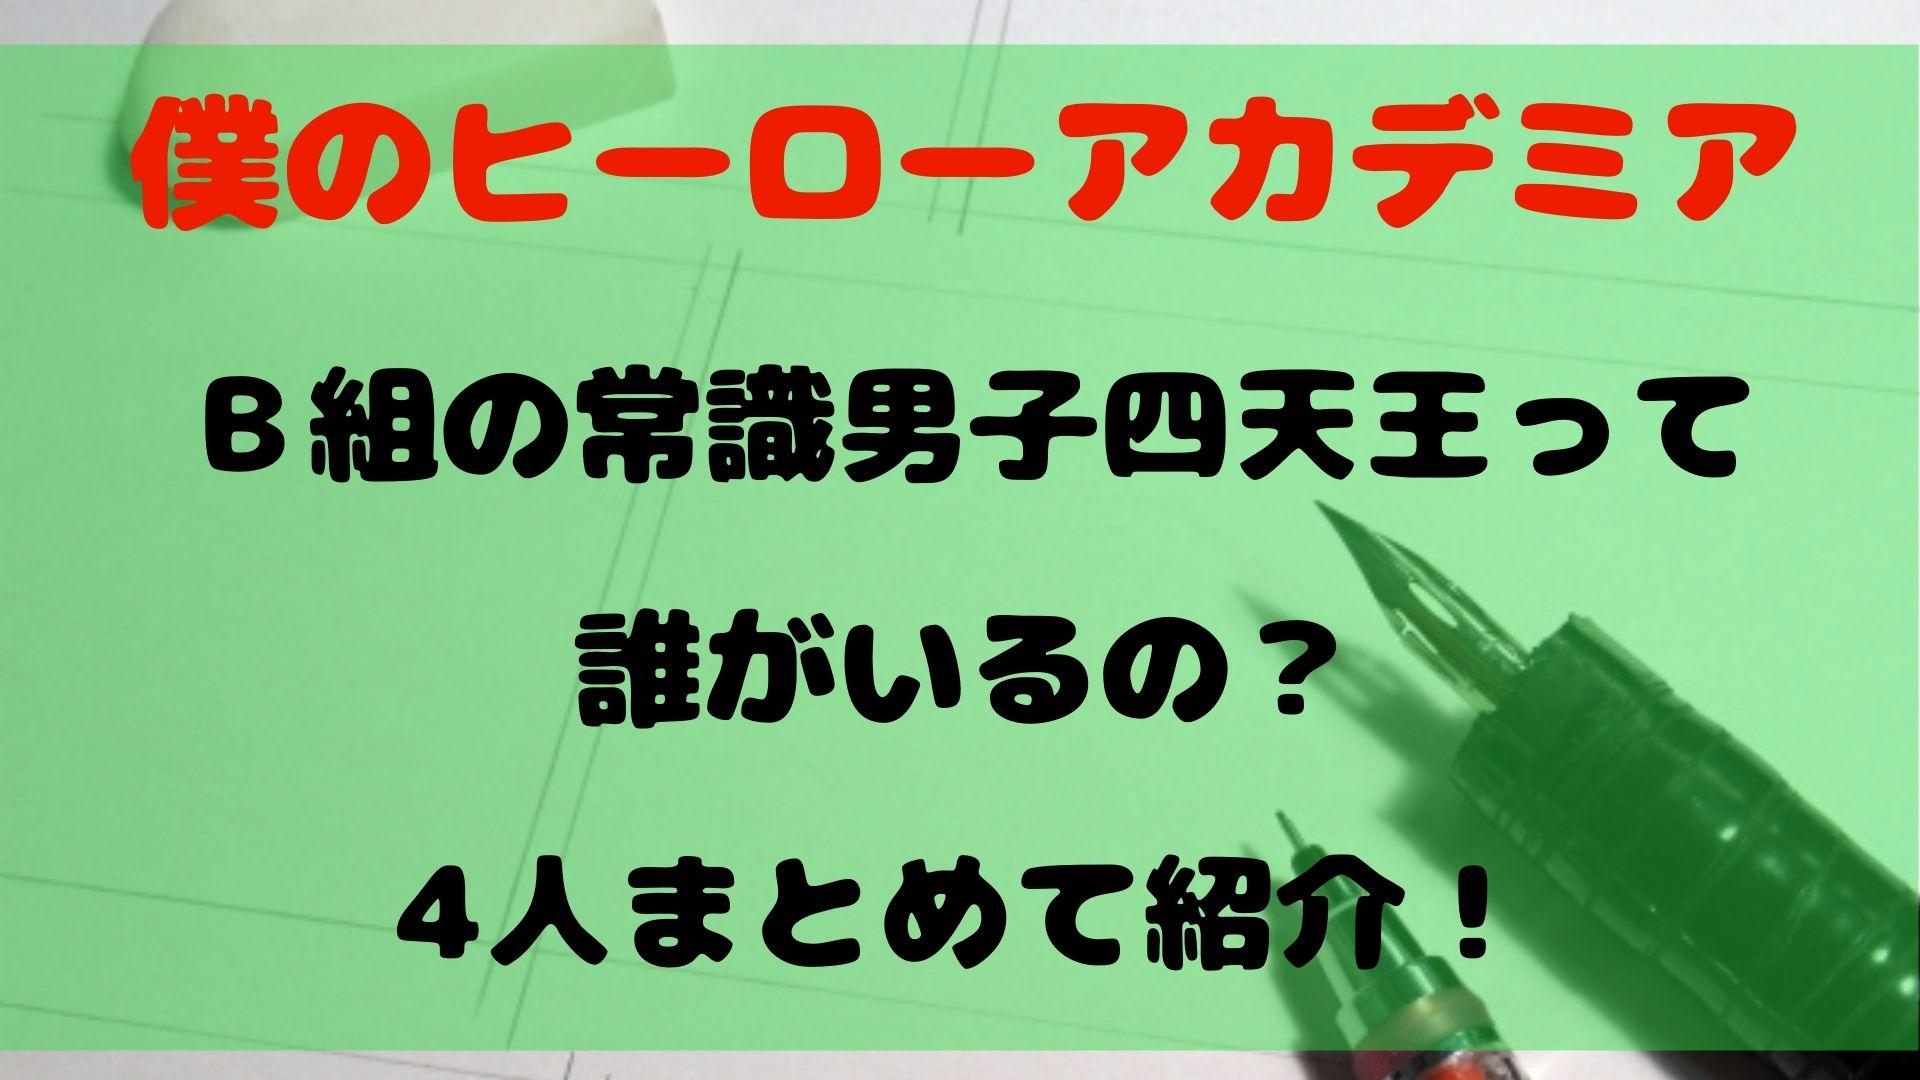 【ヒロアカ】B組の常識男子四天王って誰がいるの?4人まとめて紹介!